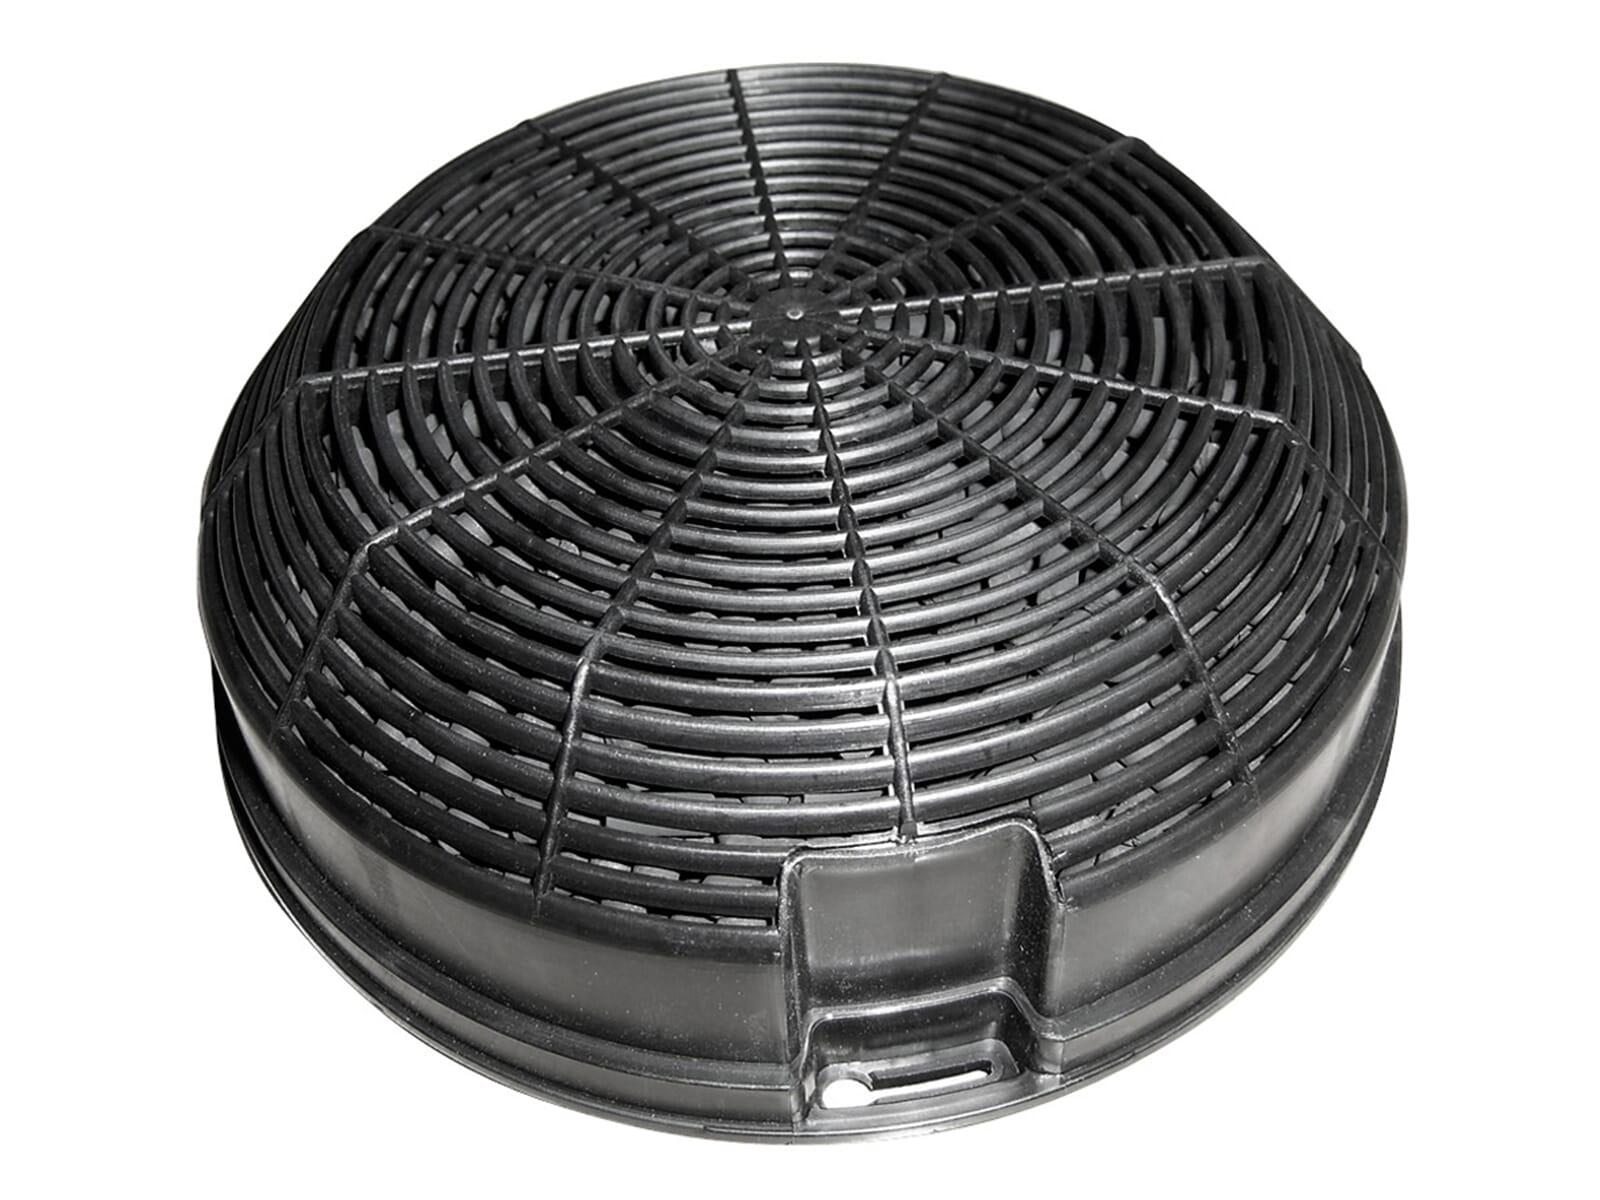 Der Aktivkohlefilter bindet im Umluftbetrieb unangenehme Gerüche und hält Ihre Luft frisch.